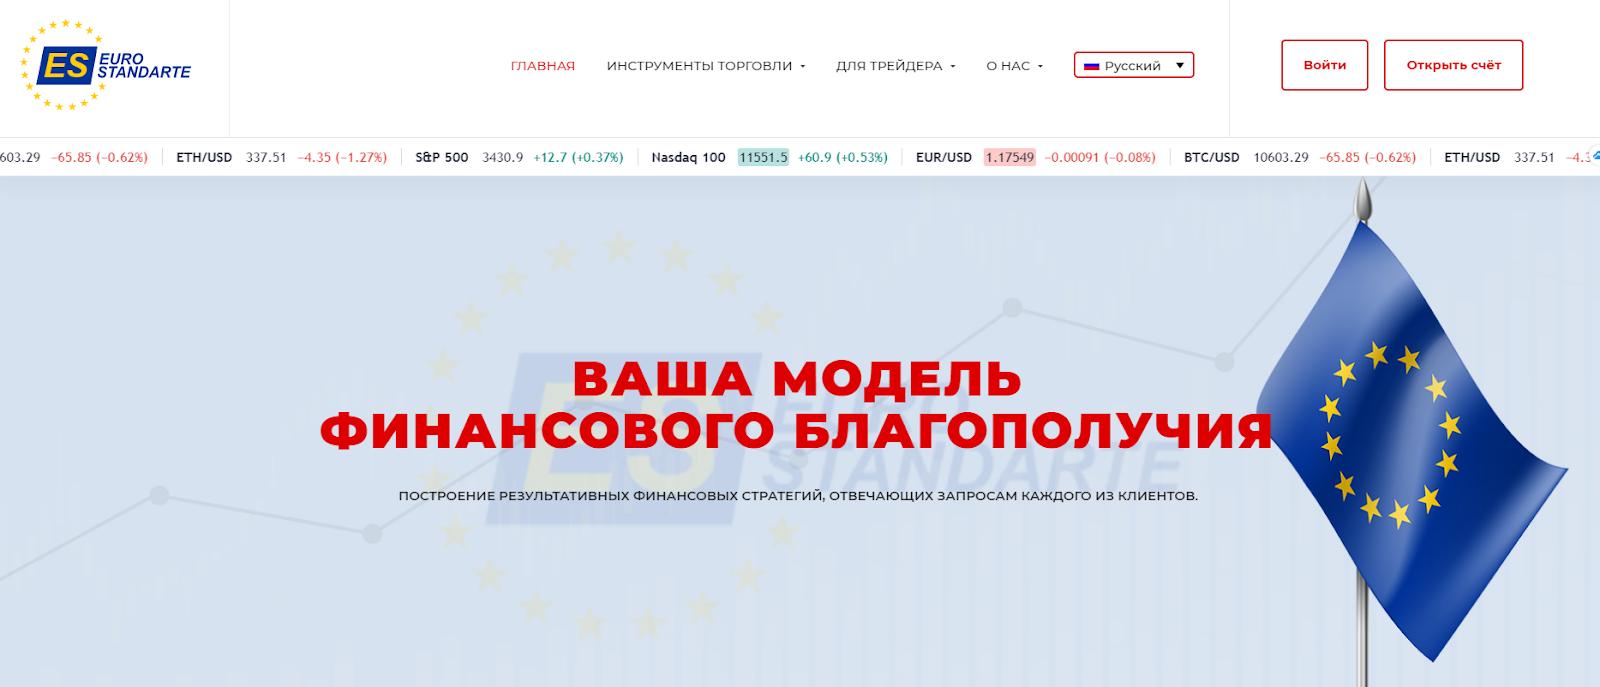 Независимый анализ условий Eurostandarte: обзор с отзывами реальных клиентов реальные отзывы